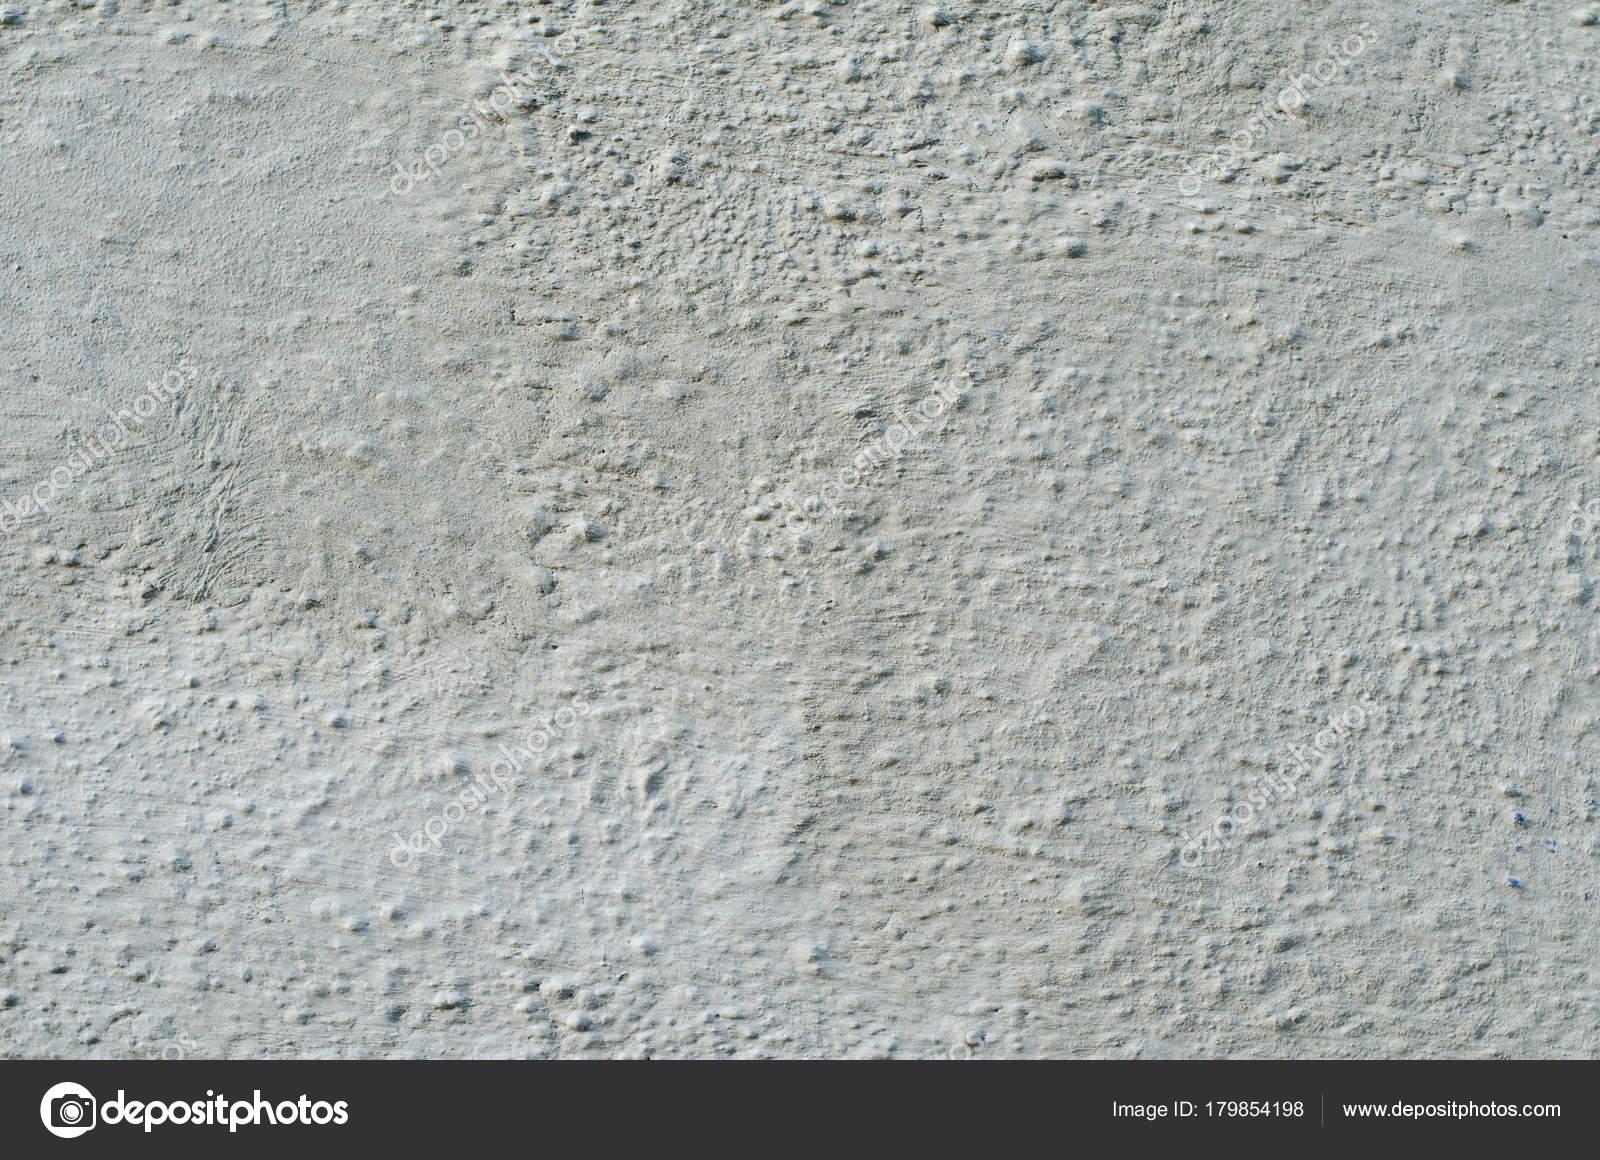 Wonderful Hintergrund Von Einem Weißen Stuck überzogen Und Bemalt Außen, Raue Stimmen  Von Zement Und Beton Wand Textur, Dekorative Beschichtung U2014 Foto Von  Mashimara